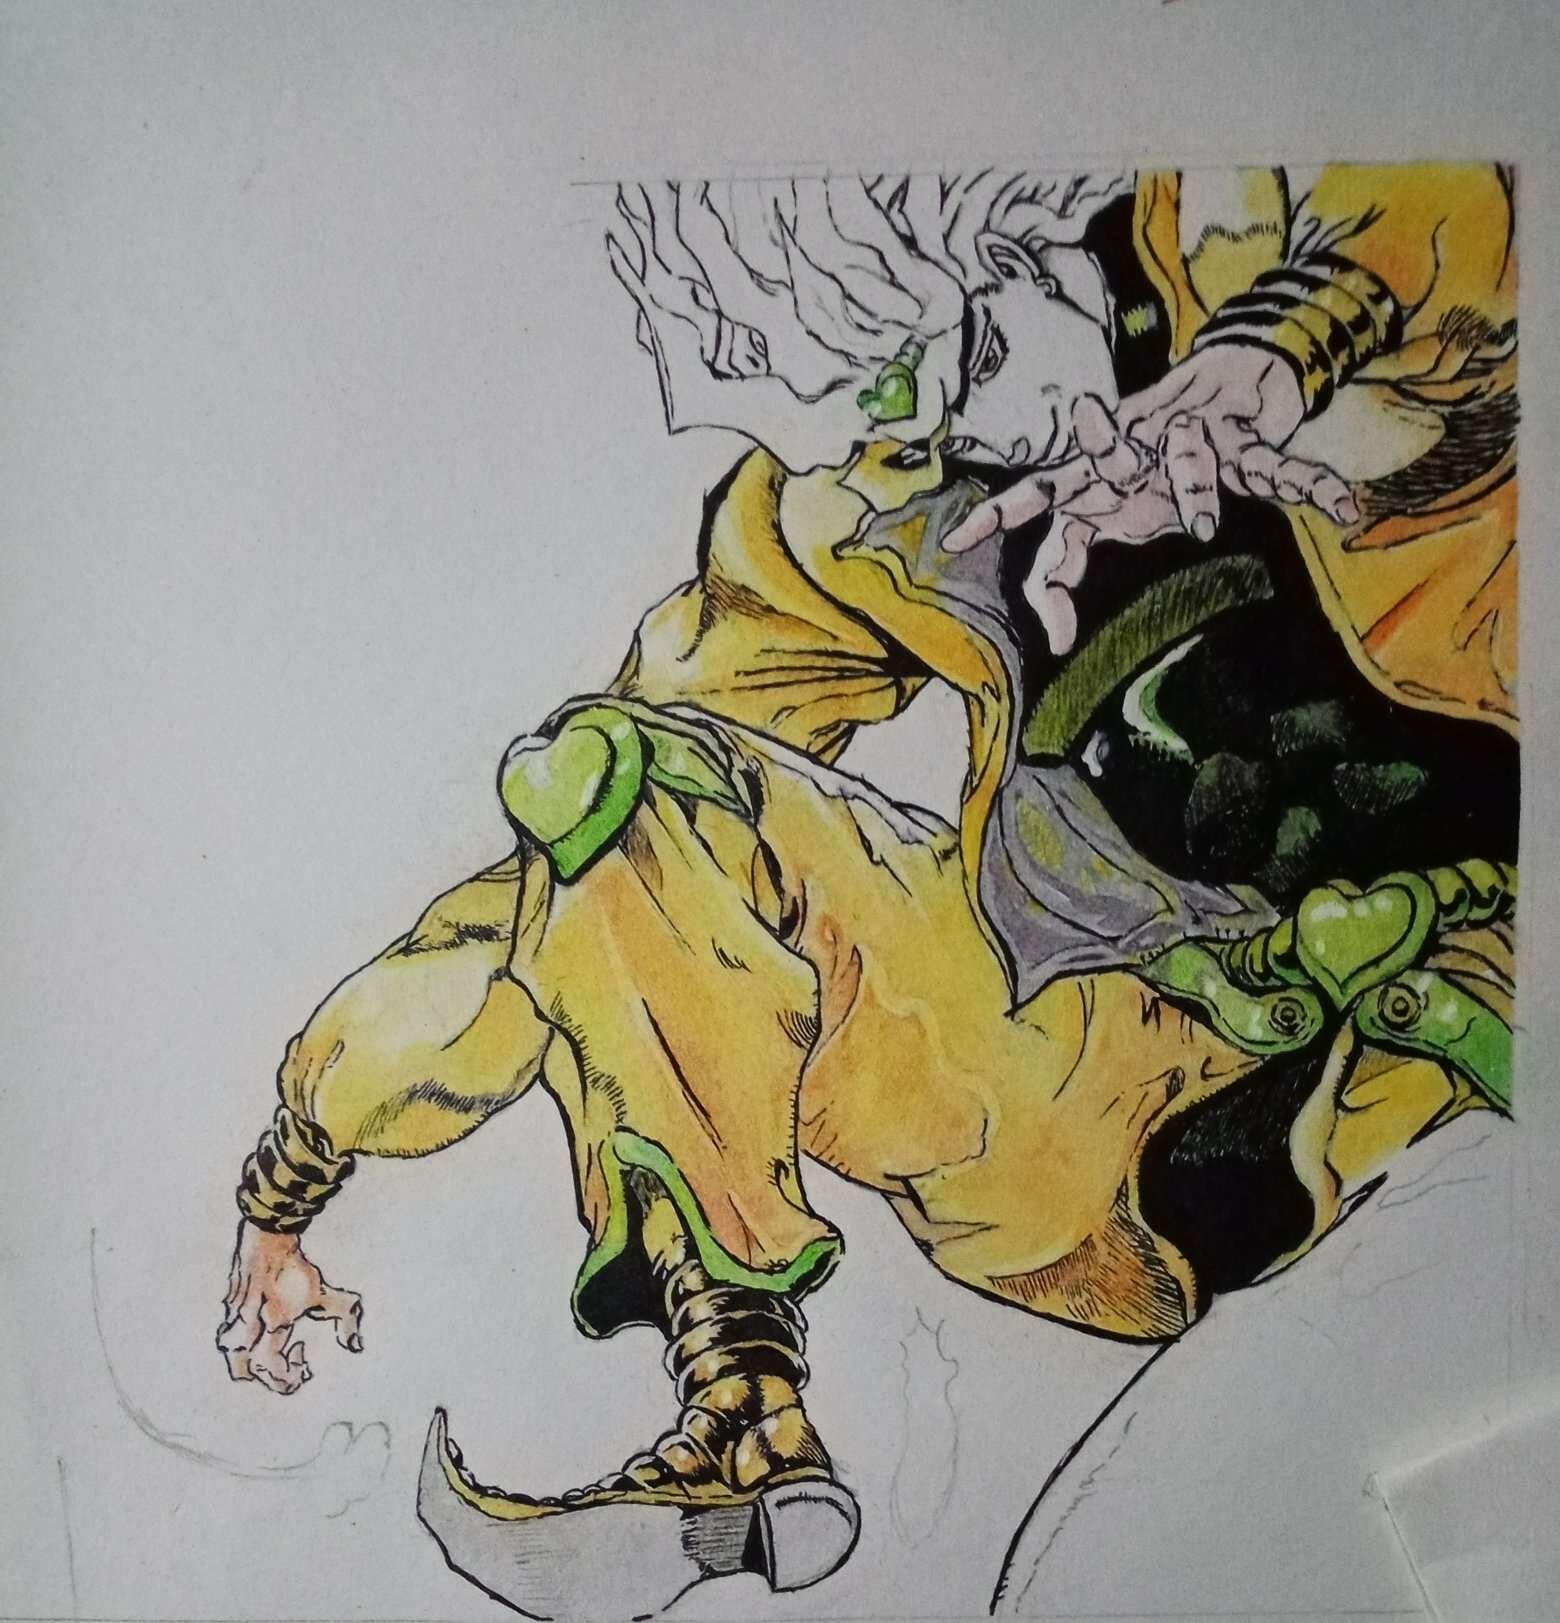 【手绘】【直播】迪奥布兰度直播,二次元邪恶帝少女漫画-小柚妹站